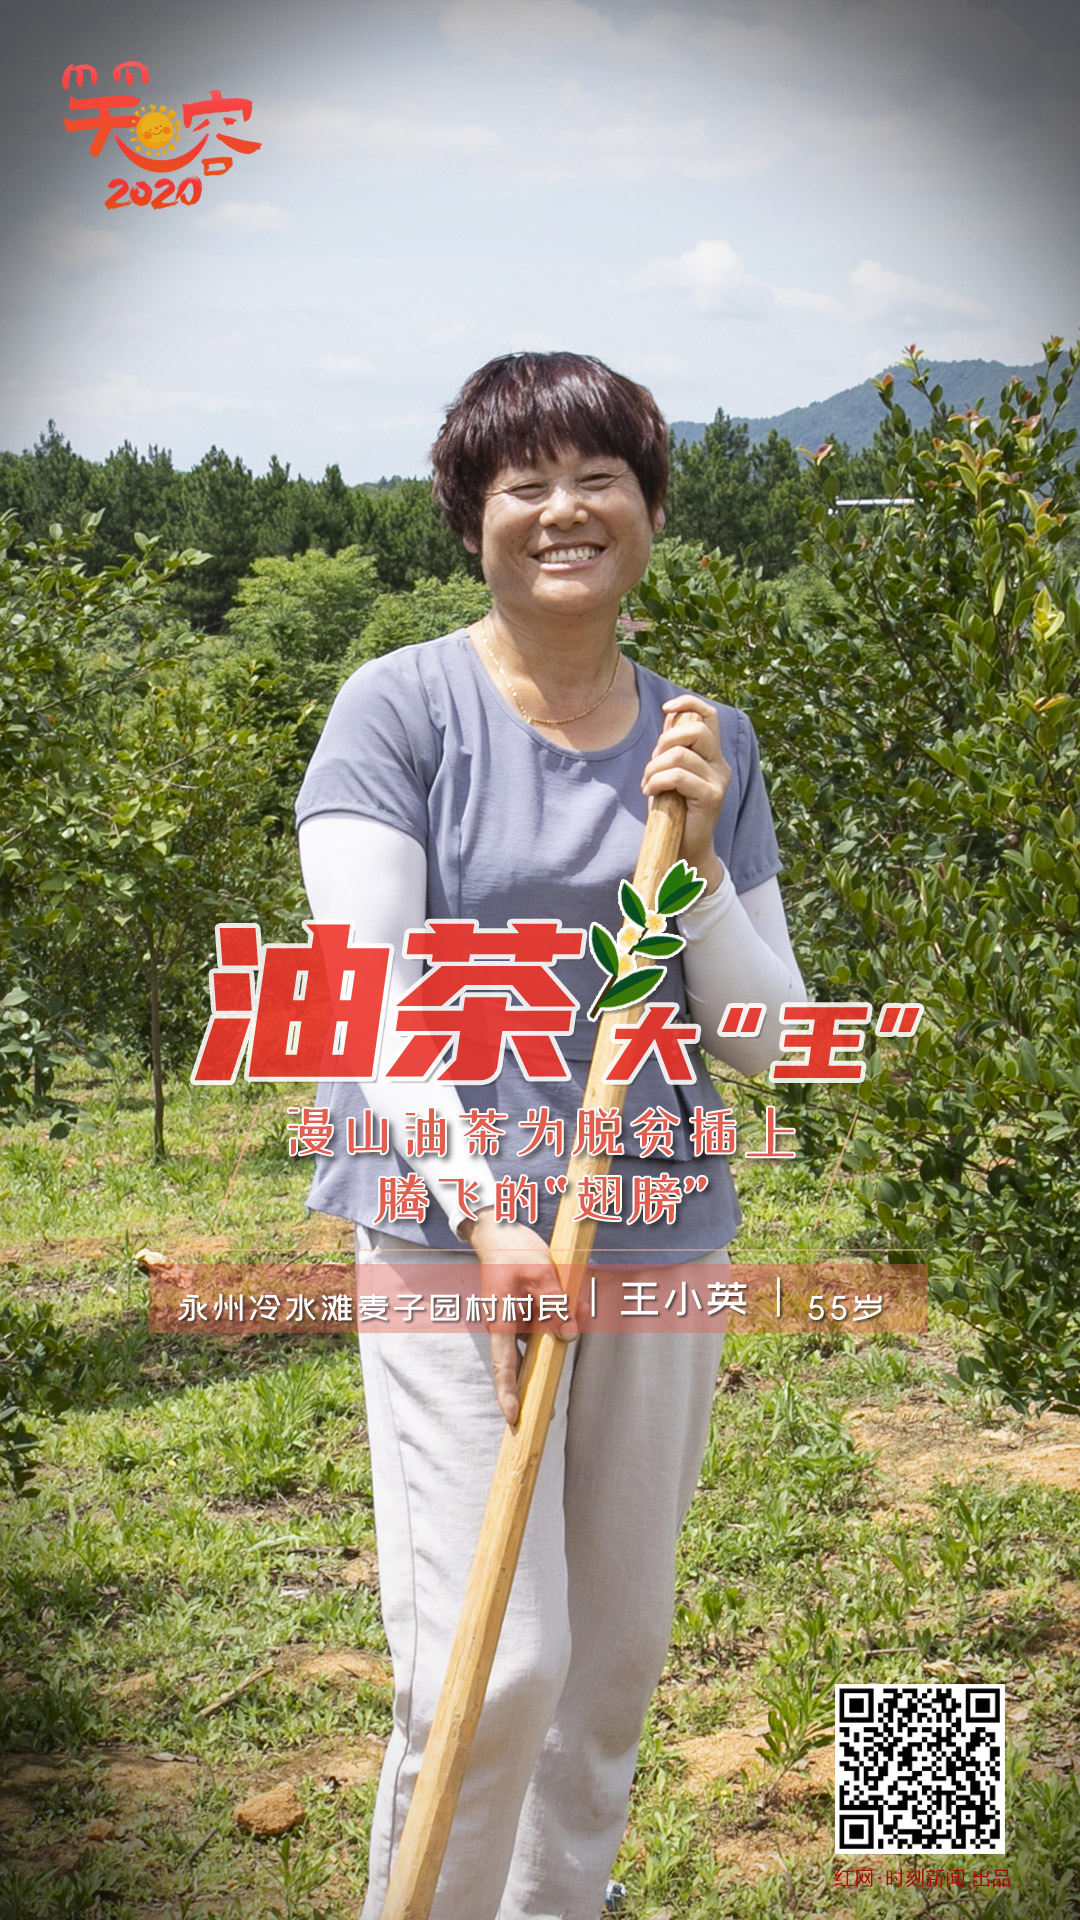 笑容2020麦子元村02.jpg